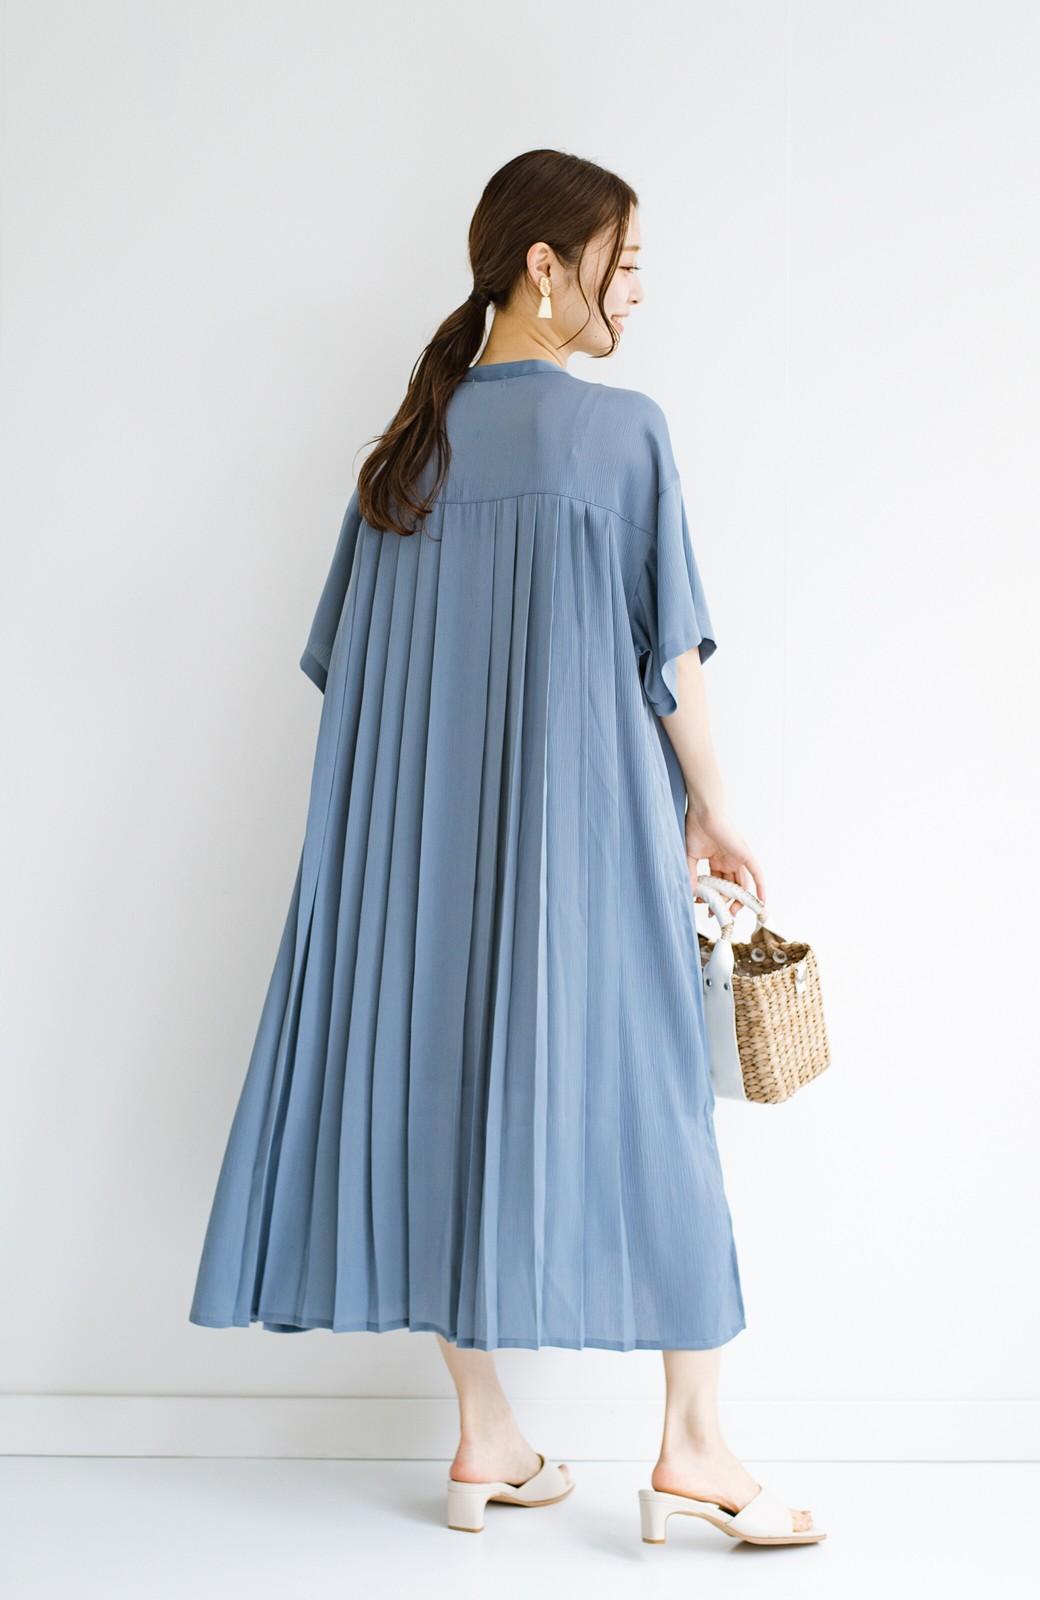 haco! 羽織としてもワンピースとしても着られちゃう 後ろ姿まで抜かりなくかわいいプリーツワンピース <ブルー>の商品写真14